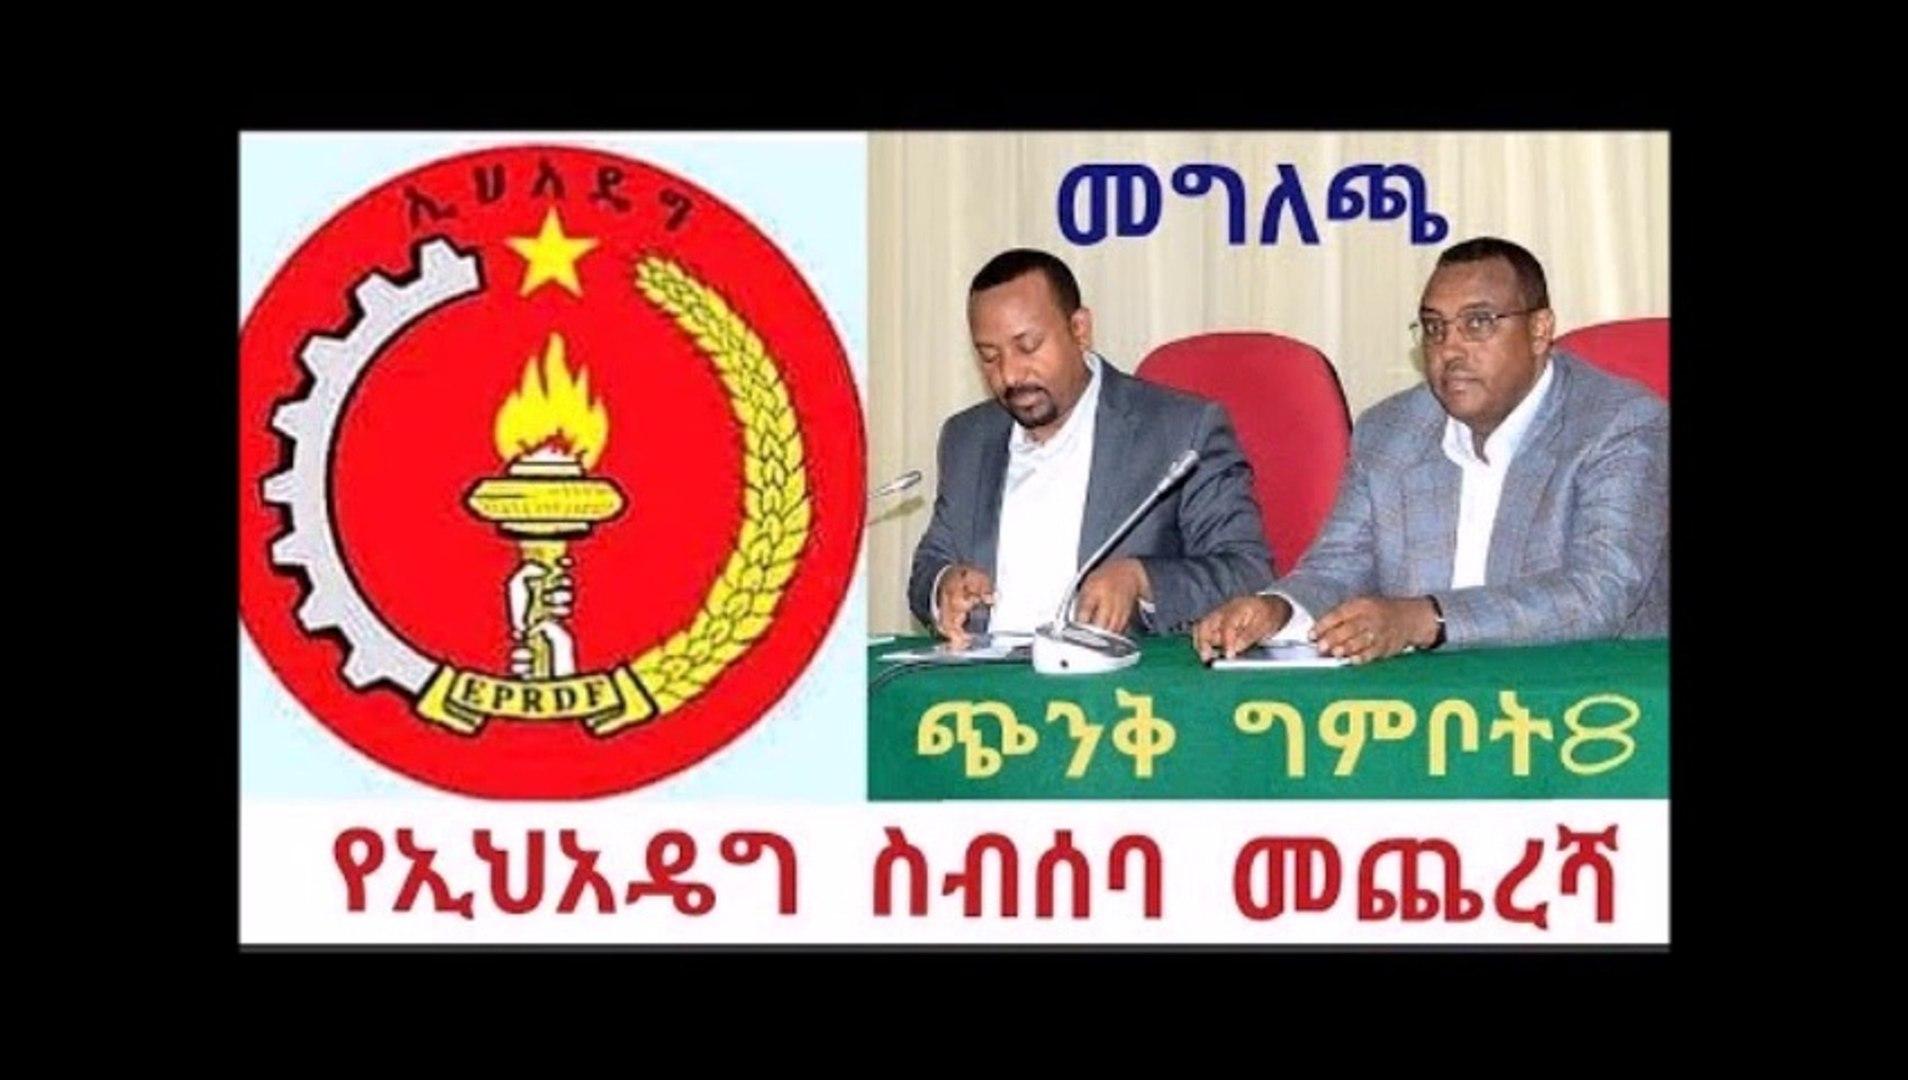 Addis ababa - የኢሀዴግ የጭንቅ ስብሰባ መጨረሻ በመግለጫ ታጅቧል ግምቦት8 የጭንቅ ወር